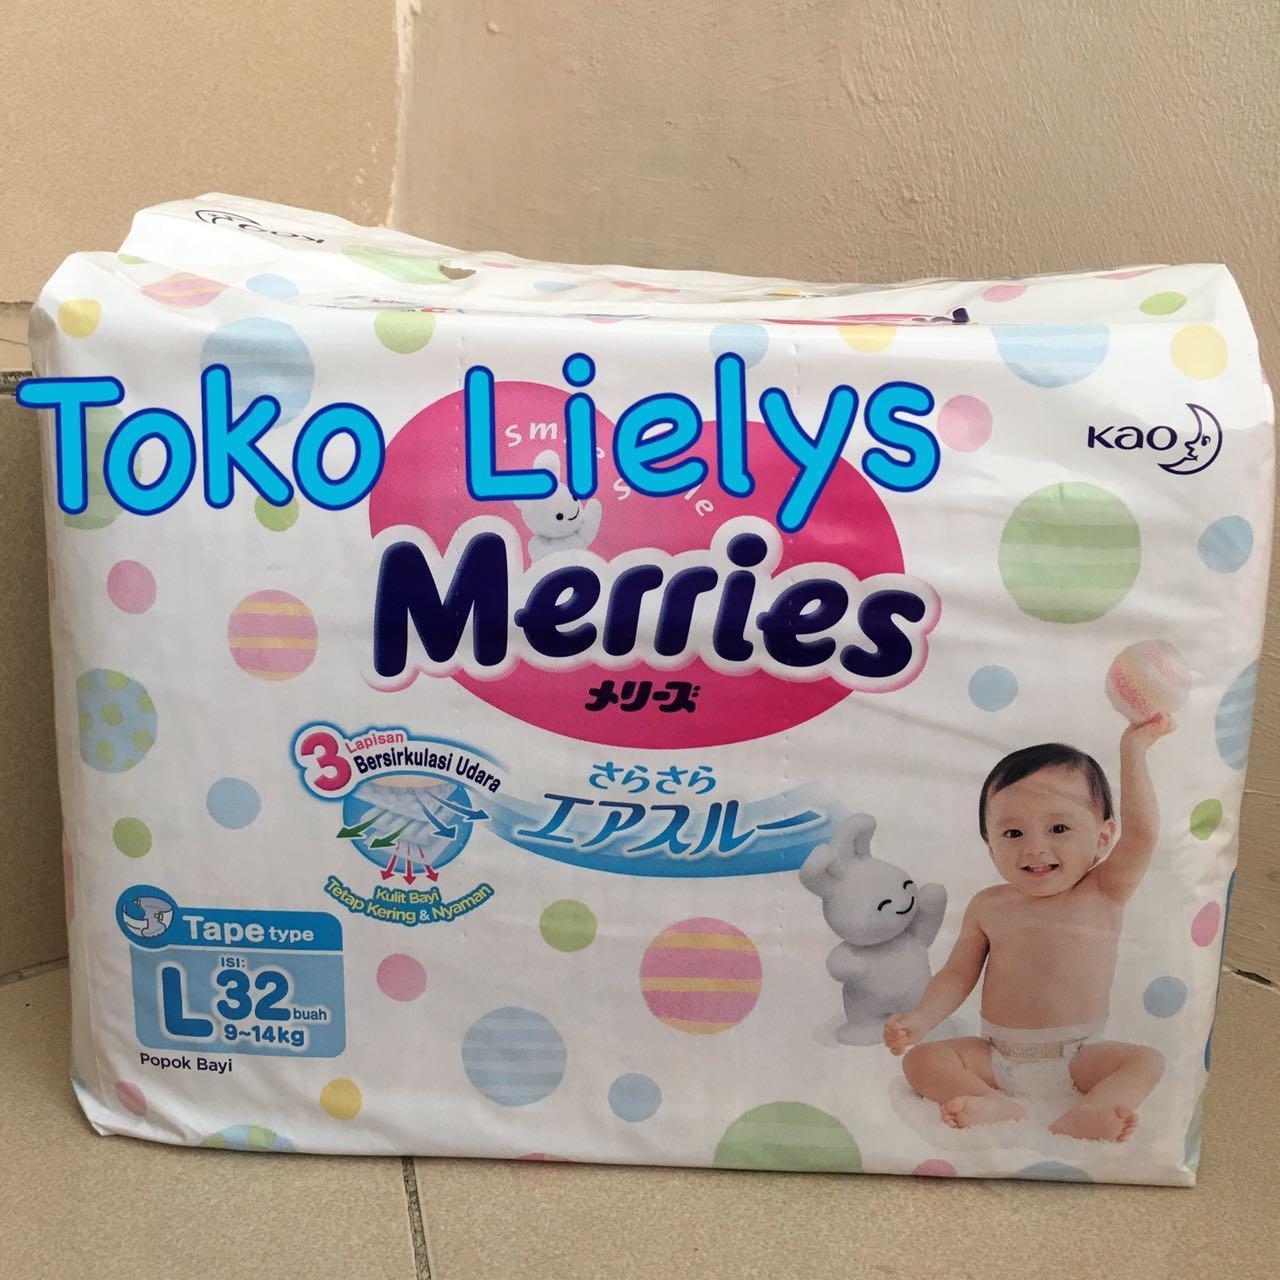 Kelebihan Merries Premium Tape New Born Isi 24 Terkini Daftar Sweety Popok Bayi Comfort Gold S 26 L32 Perekat L 32